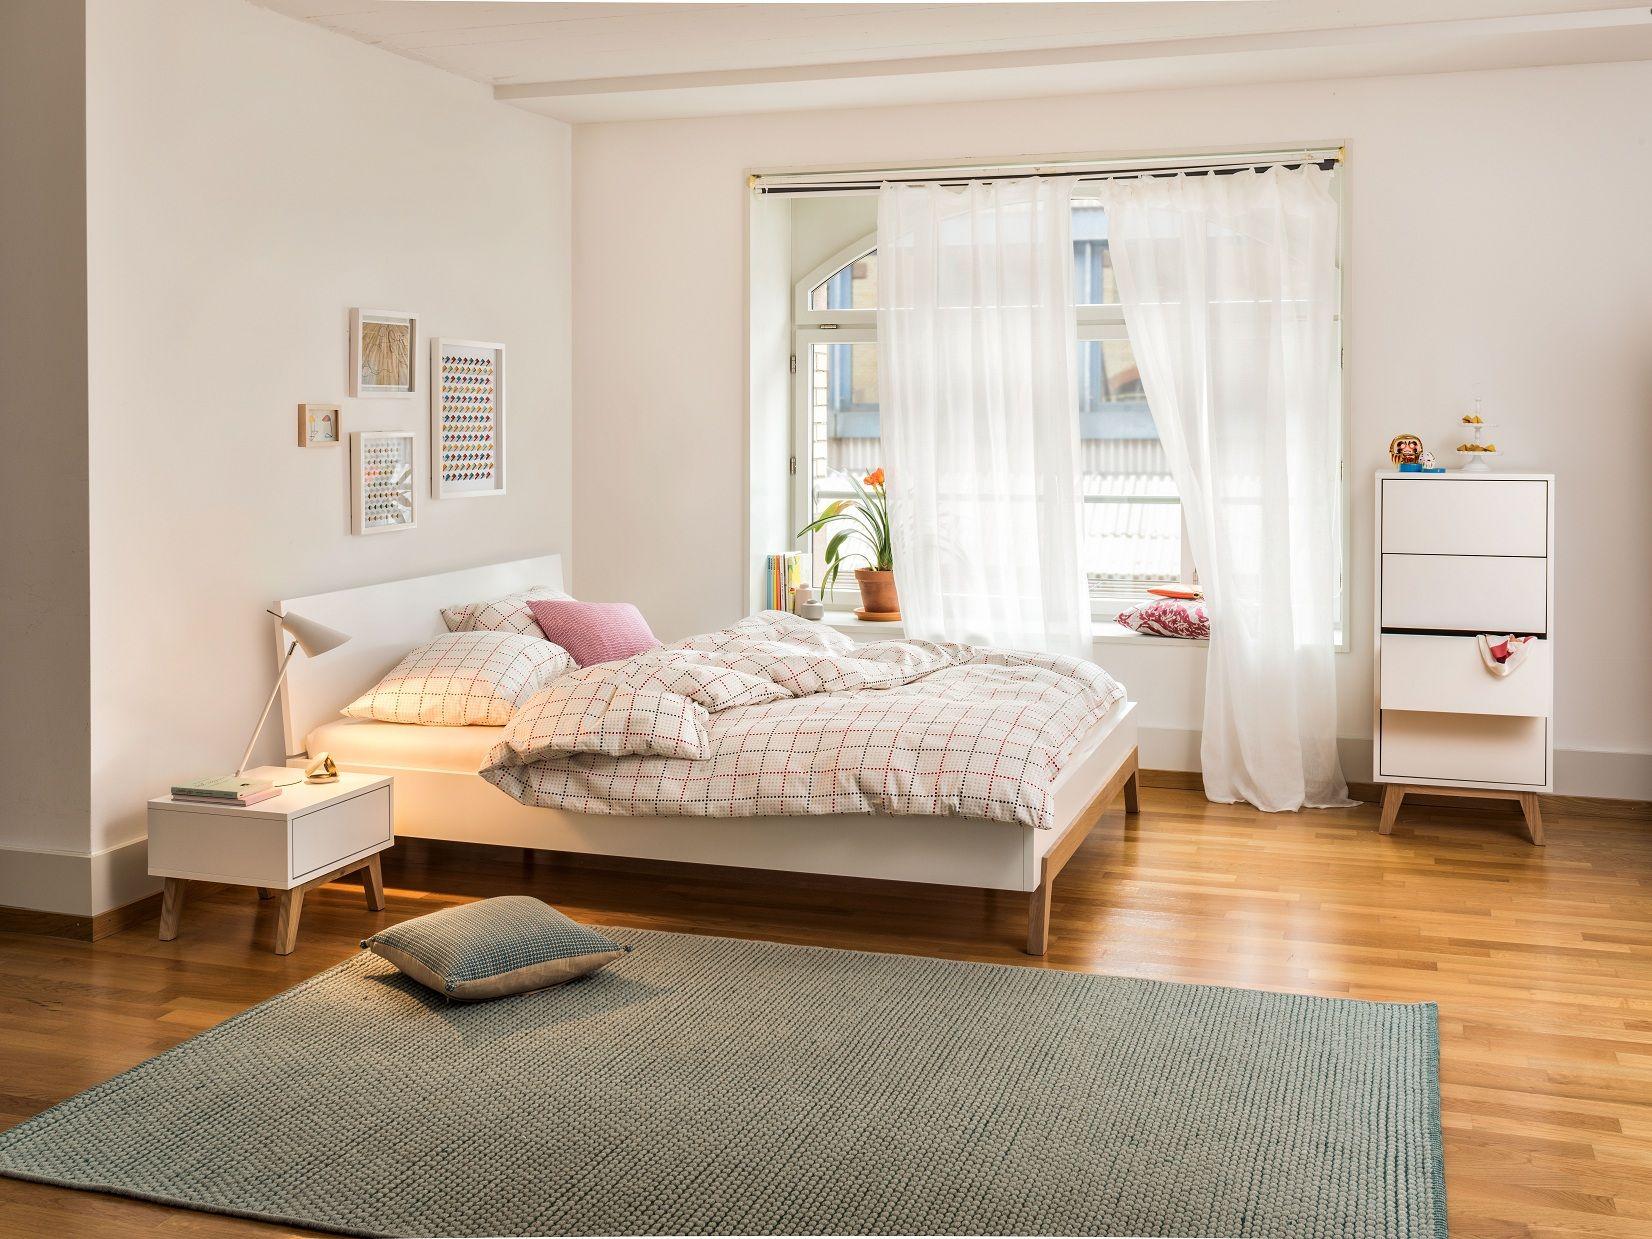 Micasa Schlafzimmer mit Bett (verschiedene Grössen